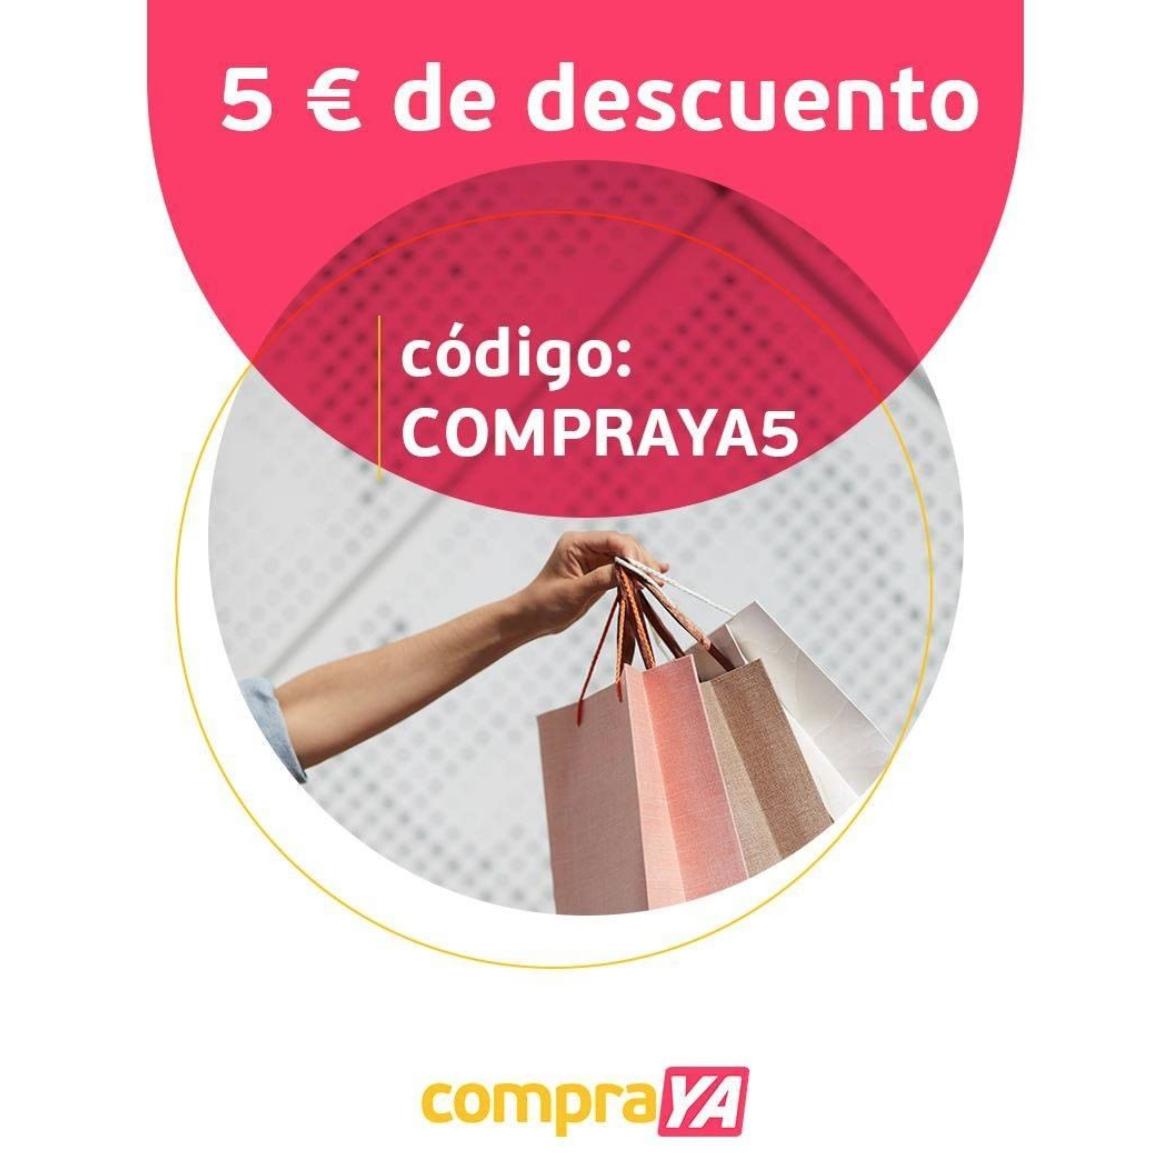 5 euros de descuento en la primera compra en Compra Ya